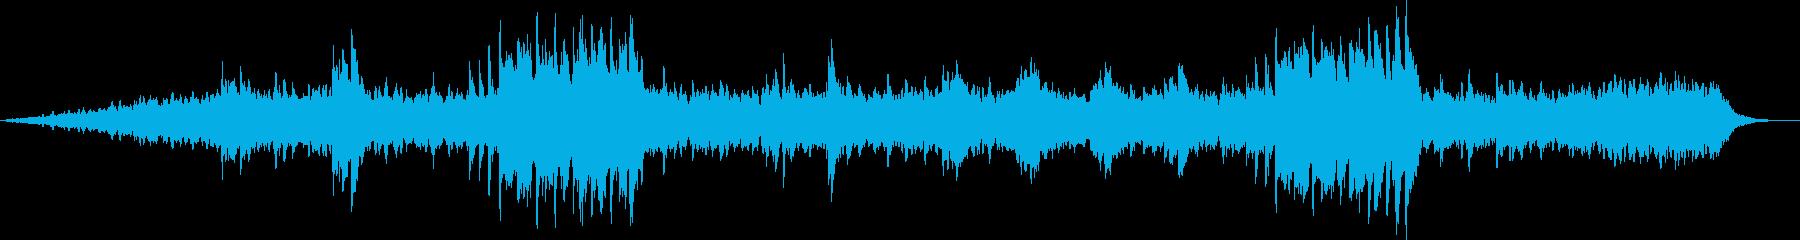 美しく奏でるピアノのヒーリングの再生済みの波形